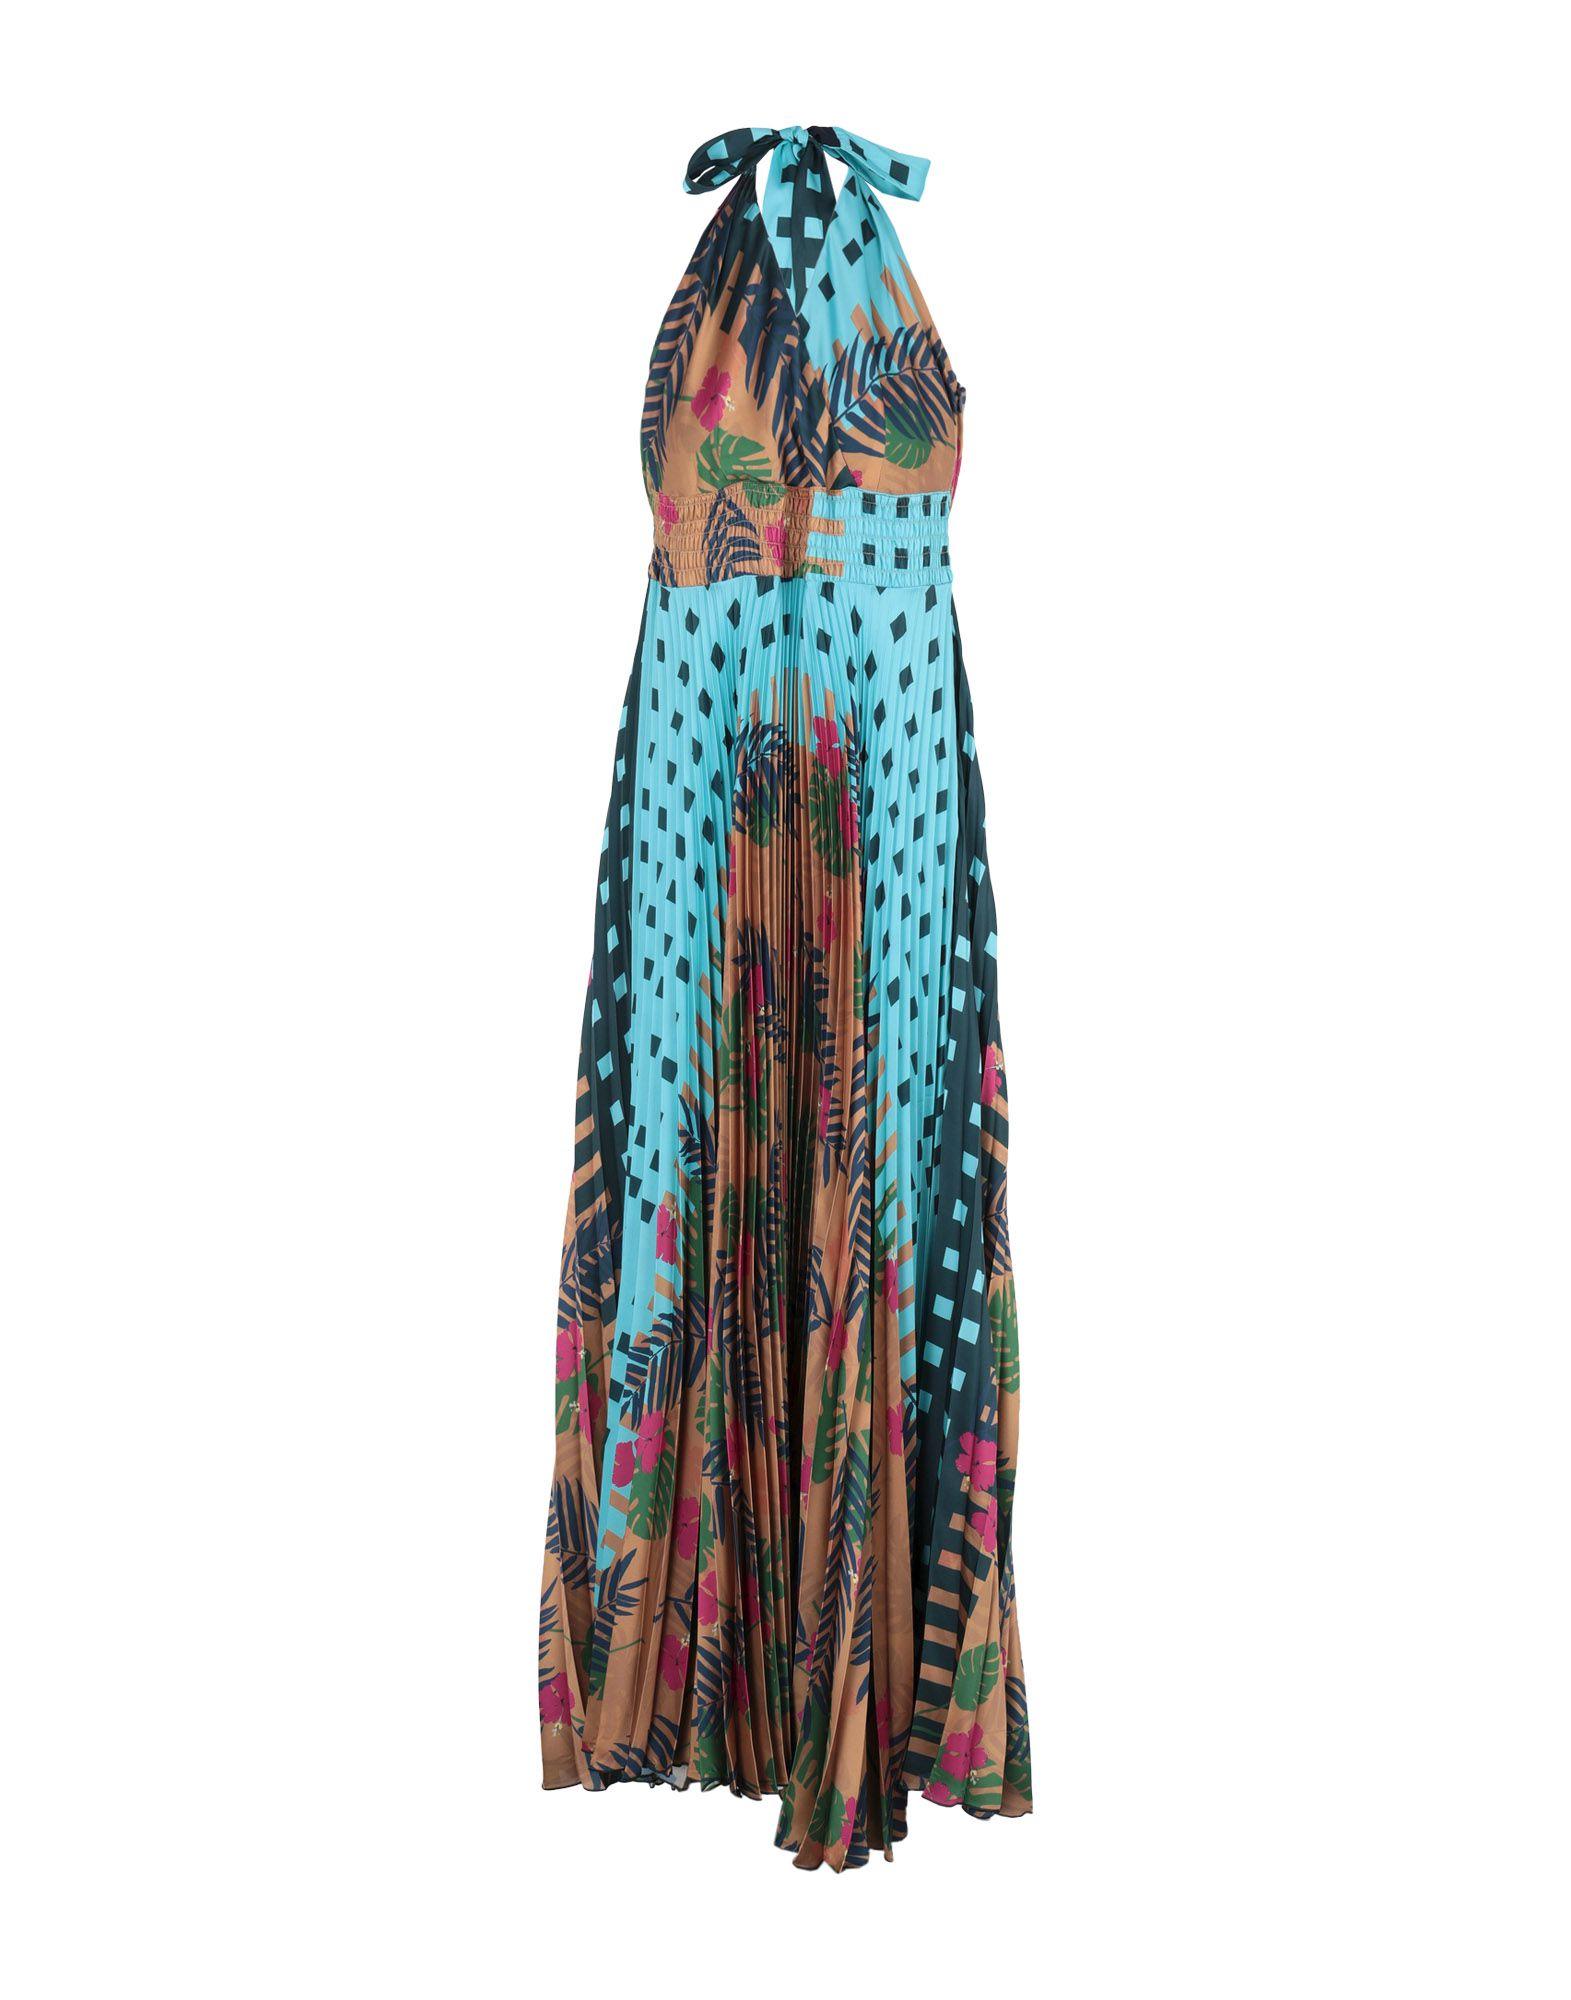 BEATRICE B Длинное платье платье нижнее платье beatrice b платье нижнее платье